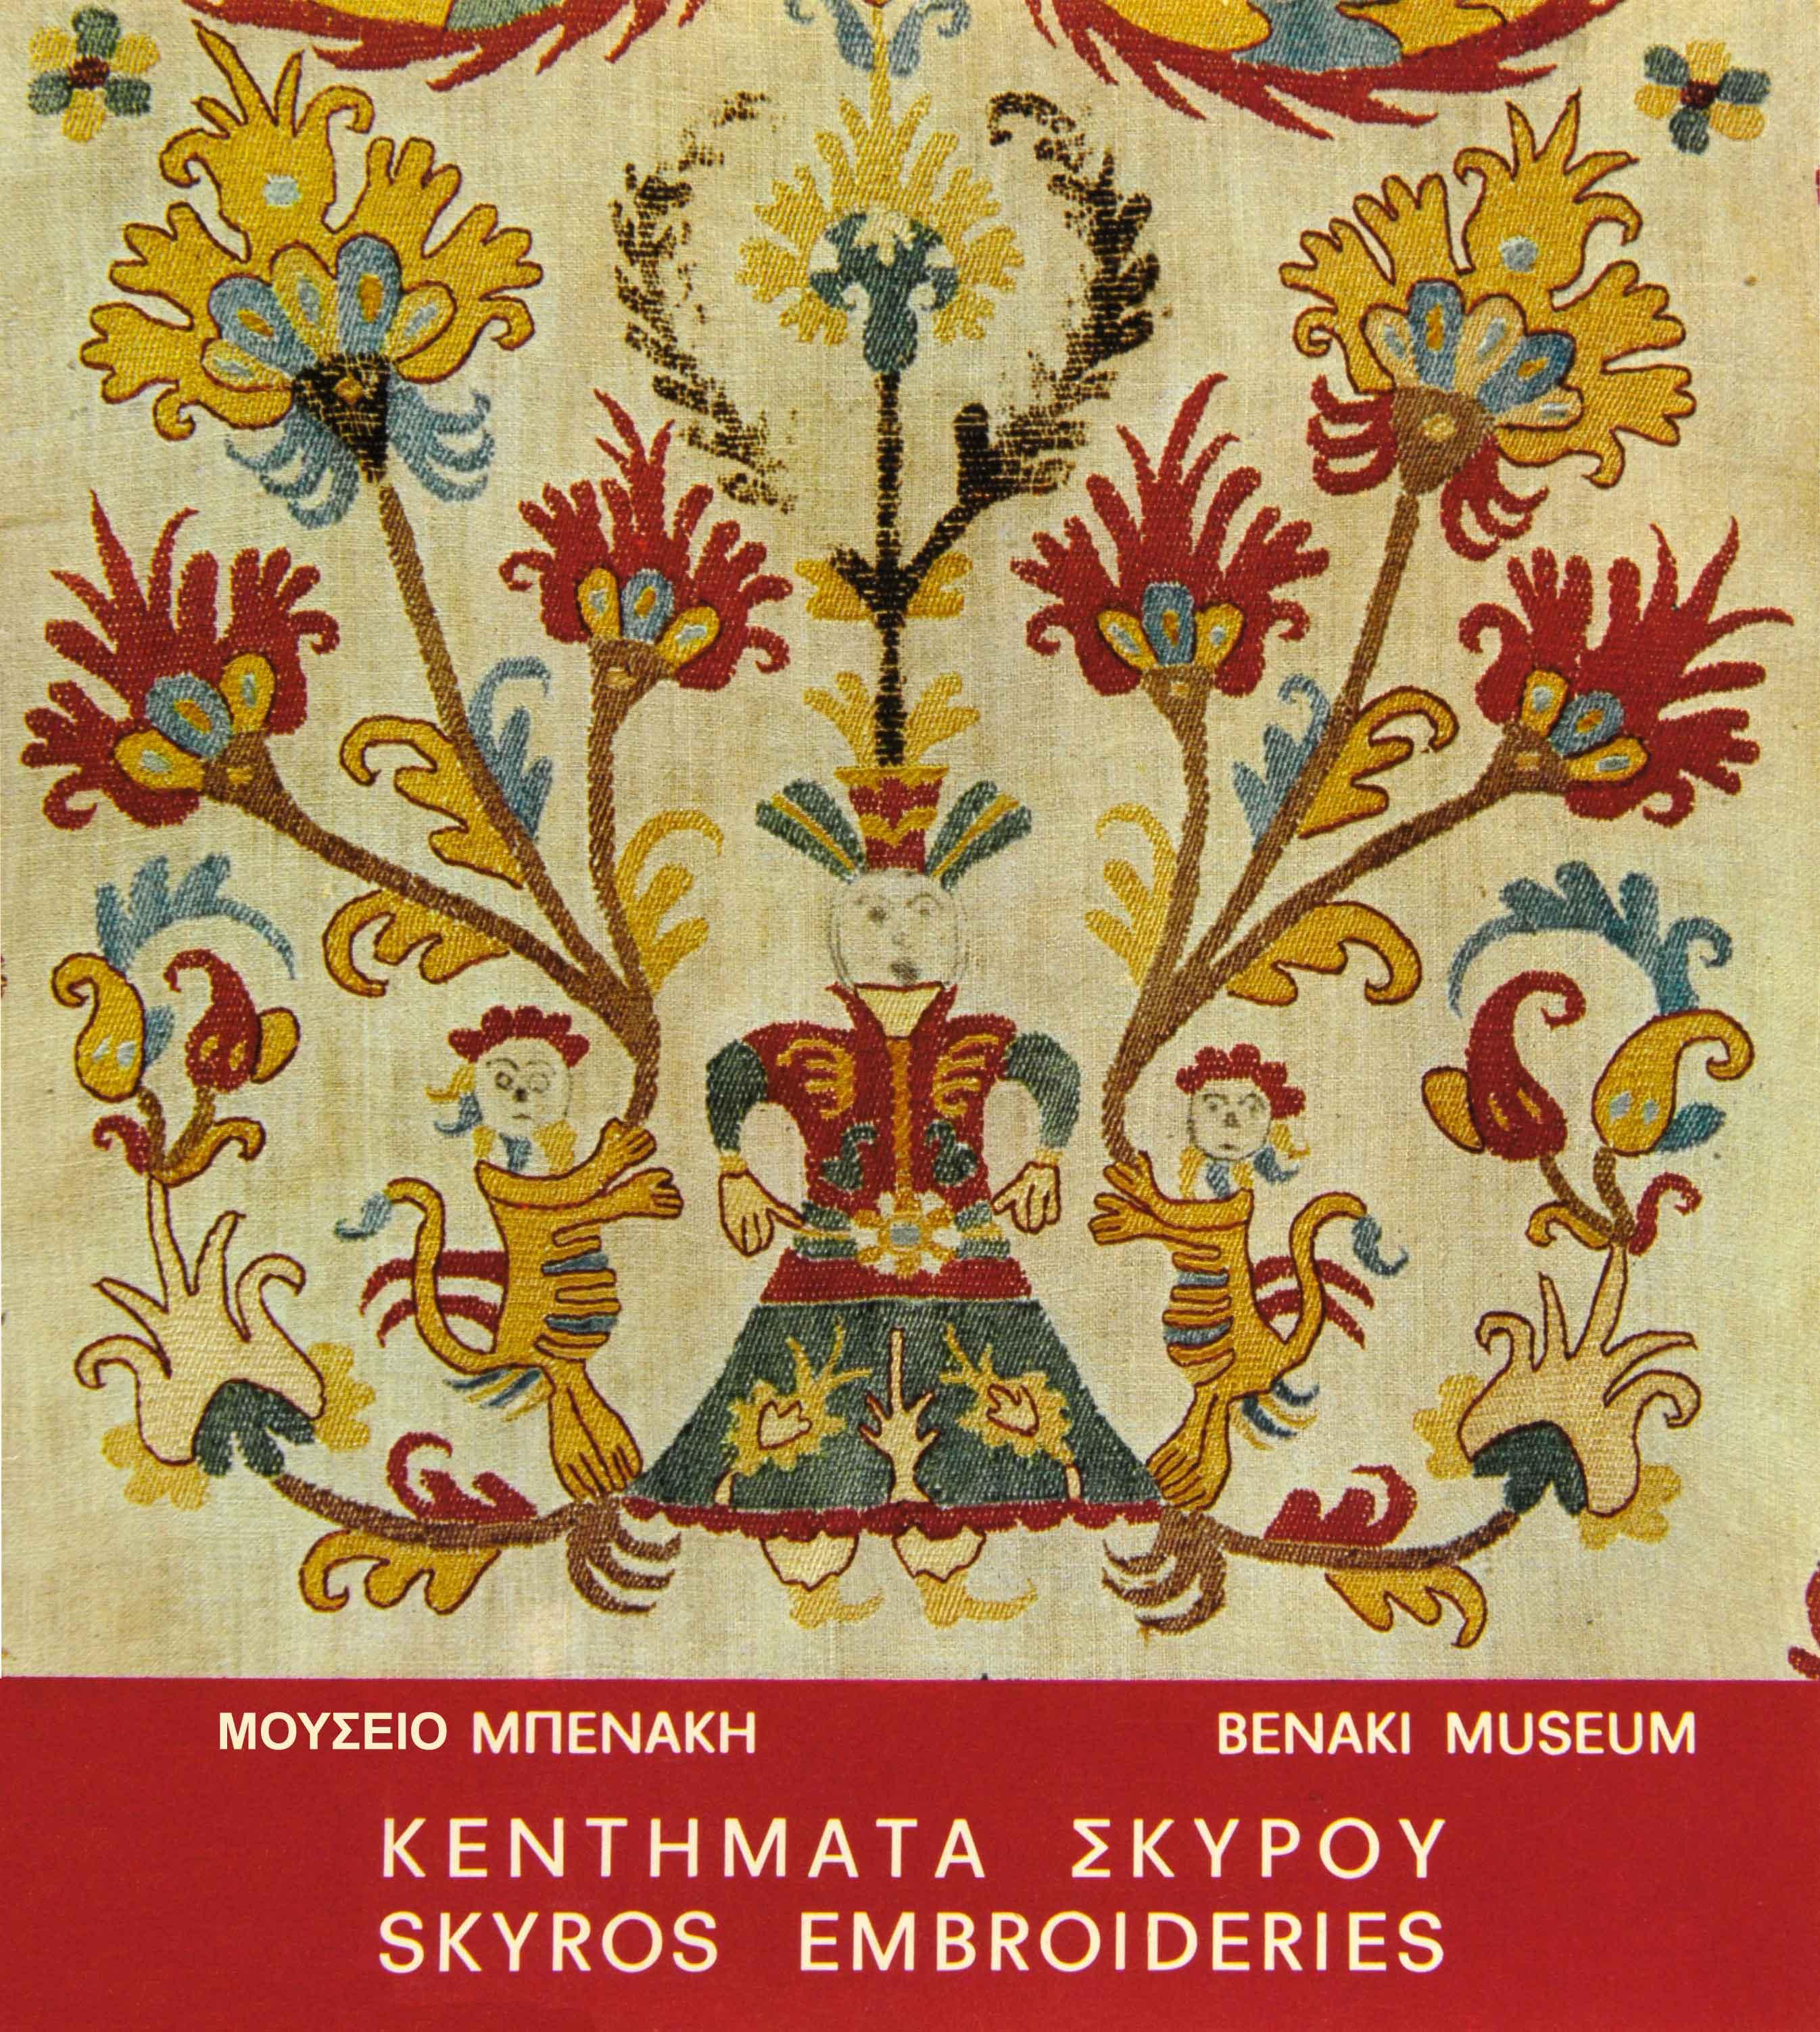 Νεοελληνική τέχνη και παράδοση - Μουσείο Μπενάκη 7930b723411